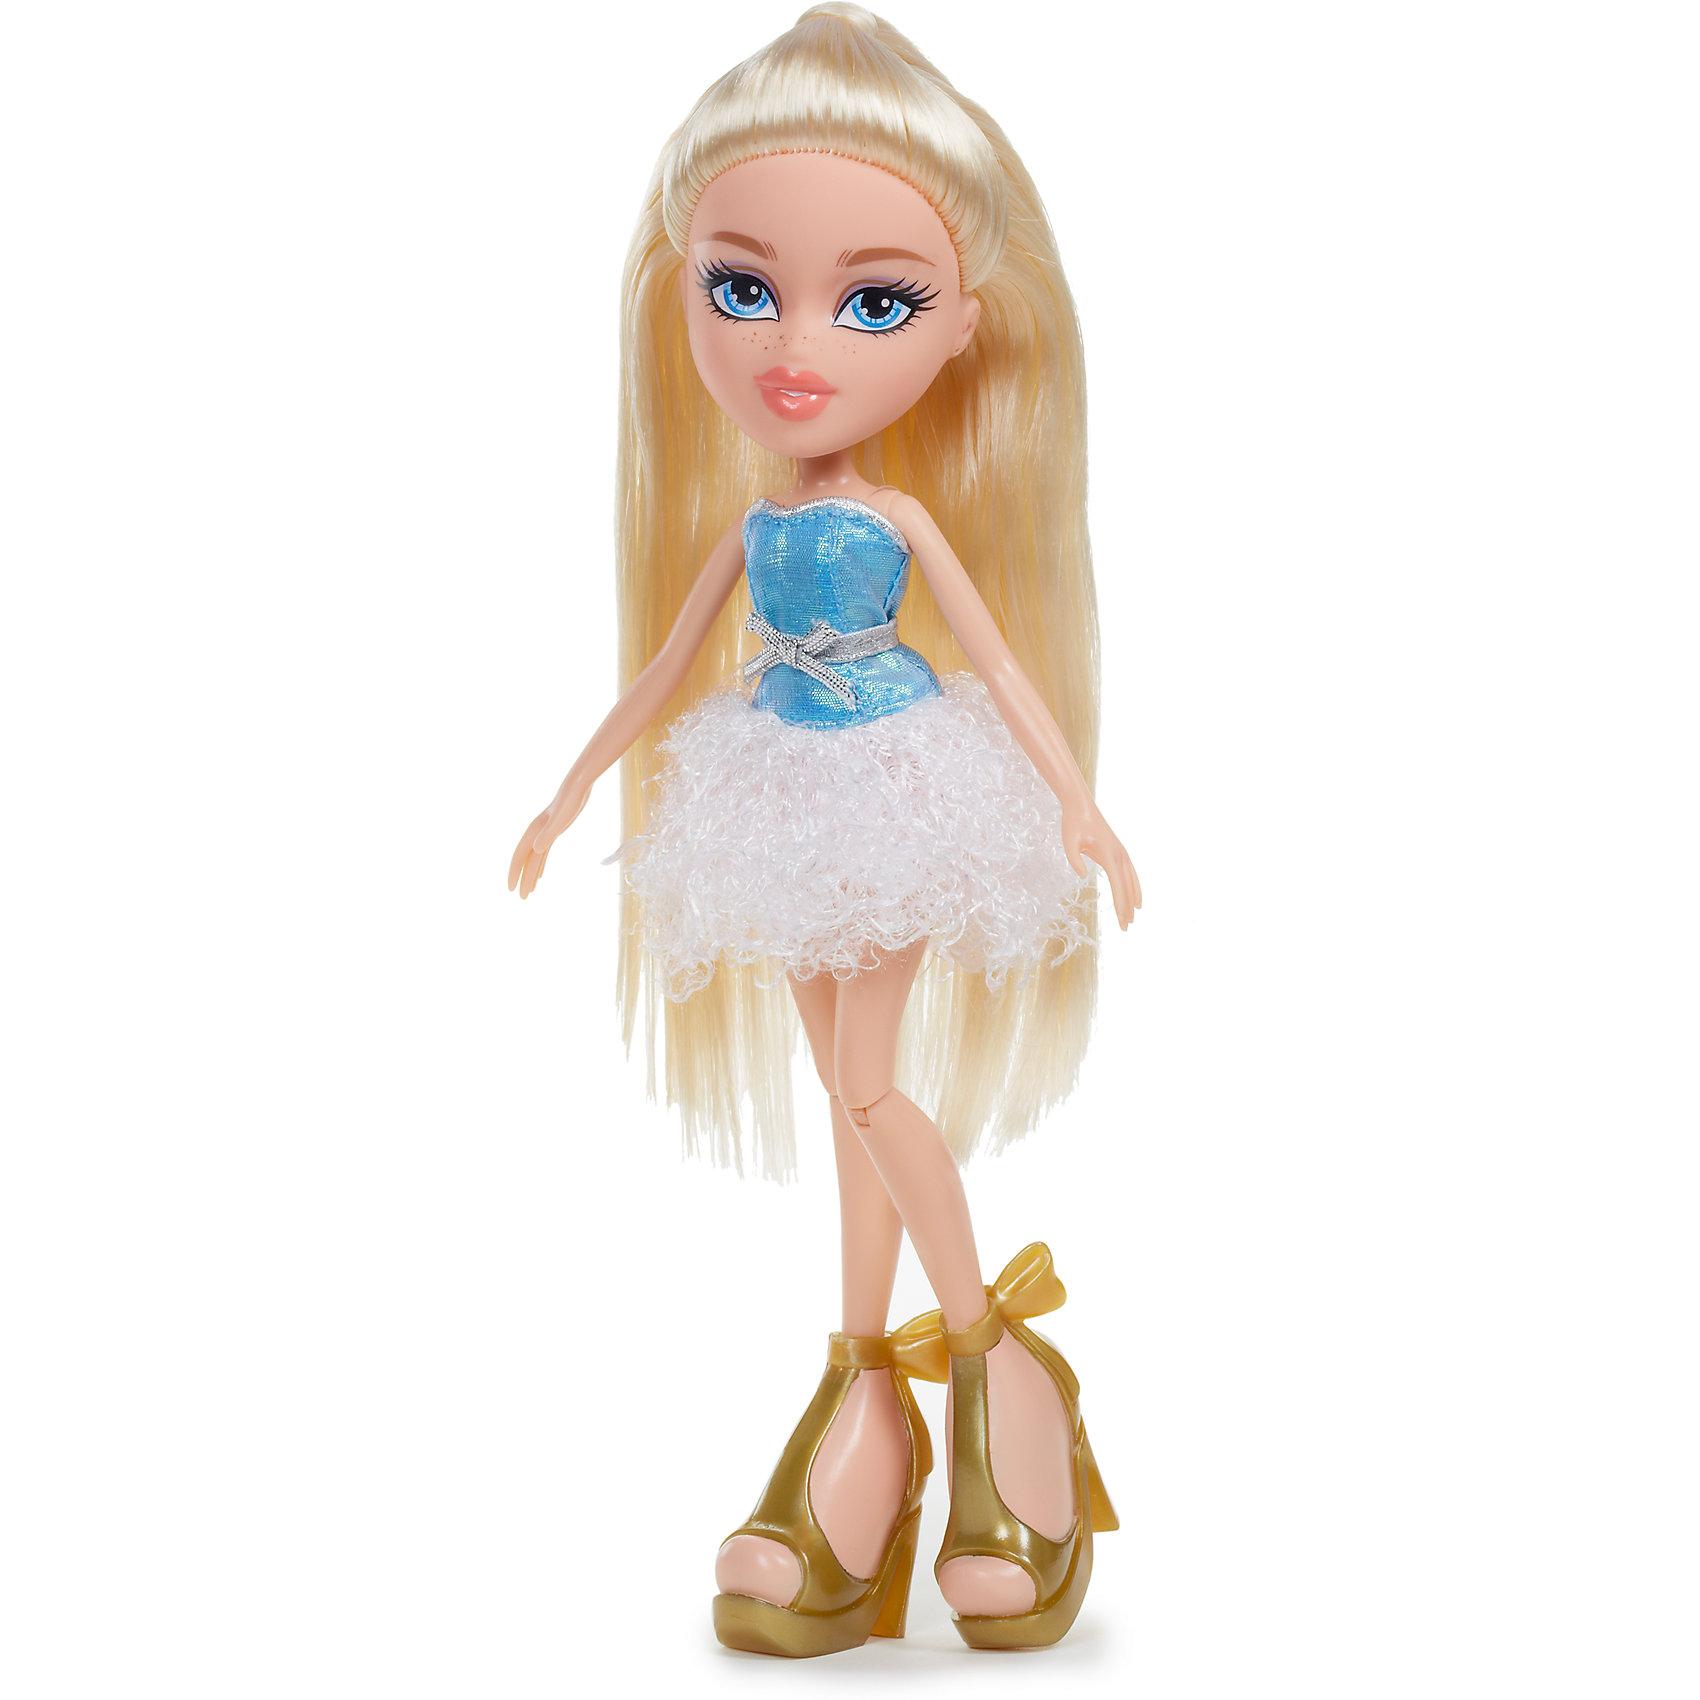 Базовая кукла Хлоя, Вечеринка, BratzКуклы-модели<br>Характеристики товара:<br><br>• высота : 29 см<br>• размер упаковки: 25х6х30 см<br>• материал: пластик, текстиль<br>• комплект: кукла, джинсы, куртка, серьги, сумочка, бусы, кошелек<br>• возраст: от пяти лет<br>• подвижные руки, ноги сгибаются в коленях<br>• страна бренда: США<br>• страна производства: Китай<br><br>Кукла Bratz - желанный подарок для современной девочки, они просто обожают эти игрушки. Кукла очень качественно выполнена, благодаря подвижным деталям с ней можно придумать множество игр! В наборе к ней идут стильные аксессуары - благодаря им девочка будет учиться хорошо одеваться.<br>Игра с куклами помогает девочкам развивать важные социальные навыки и способности, она активизирует мышление, формирует умение заботиться о других, логику, мелкую моторику и воображение, помогает проработать сценарии взаимодействия с людьми. Изделие производится из качественных сертифицированных материалов, безопасных даже для самых маленьких.<br><br>Базовую куклу Хлоя, Вечеринка, от бренда Bratz можно купить в нашем интернет-магазине.<br><br>Ширина мм: 260<br>Глубина мм: 300<br>Высота мм: 70<br>Вес г: 495<br>Возраст от месяцев: 36<br>Возраст до месяцев: 2147483647<br>Пол: Женский<br>Возраст: Детский<br>SKU: 5224457